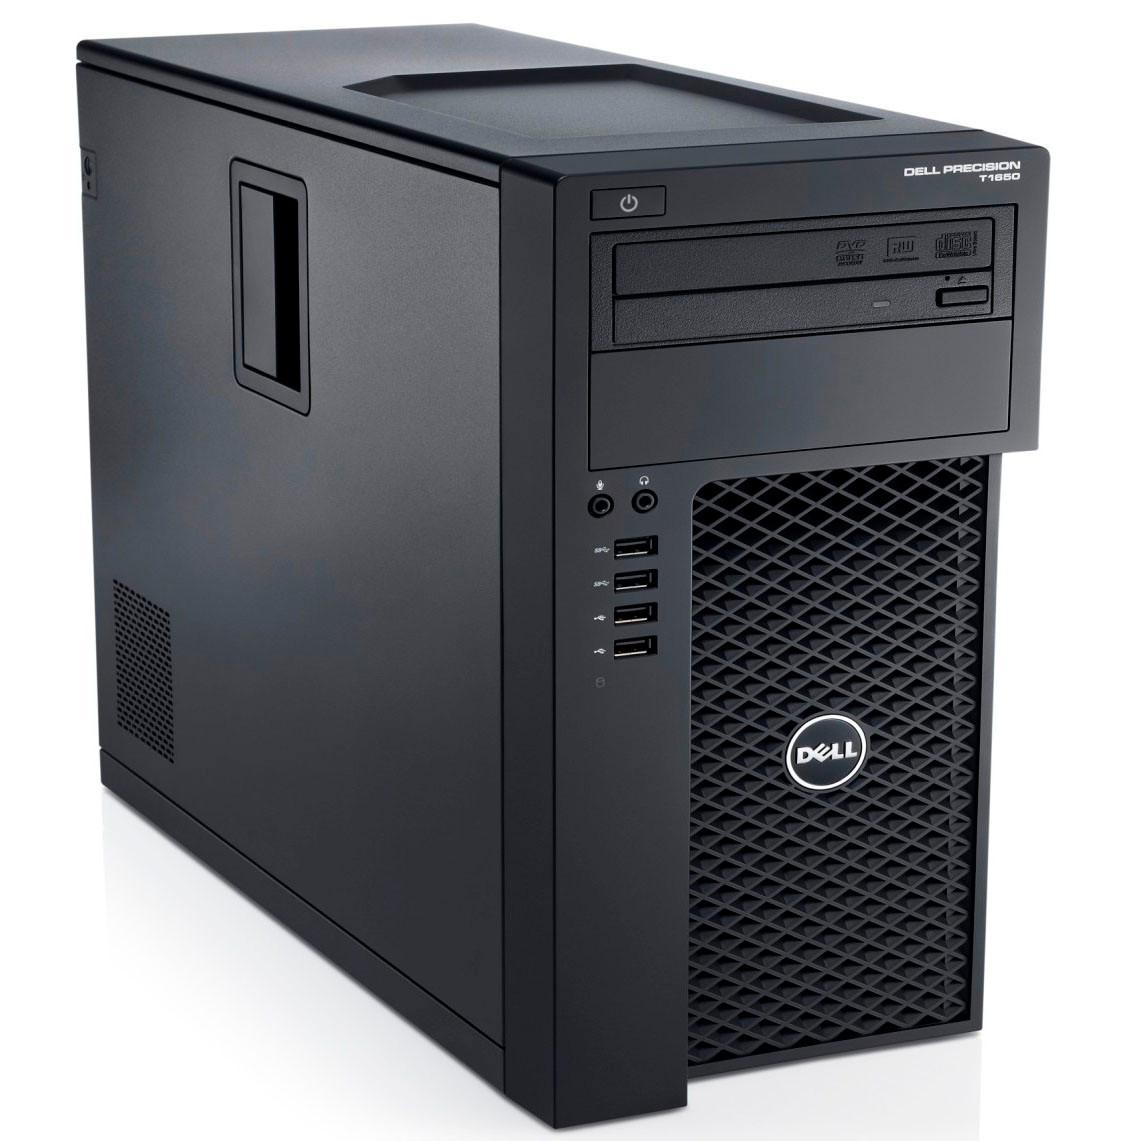 Dell Precision T1650 - Front View